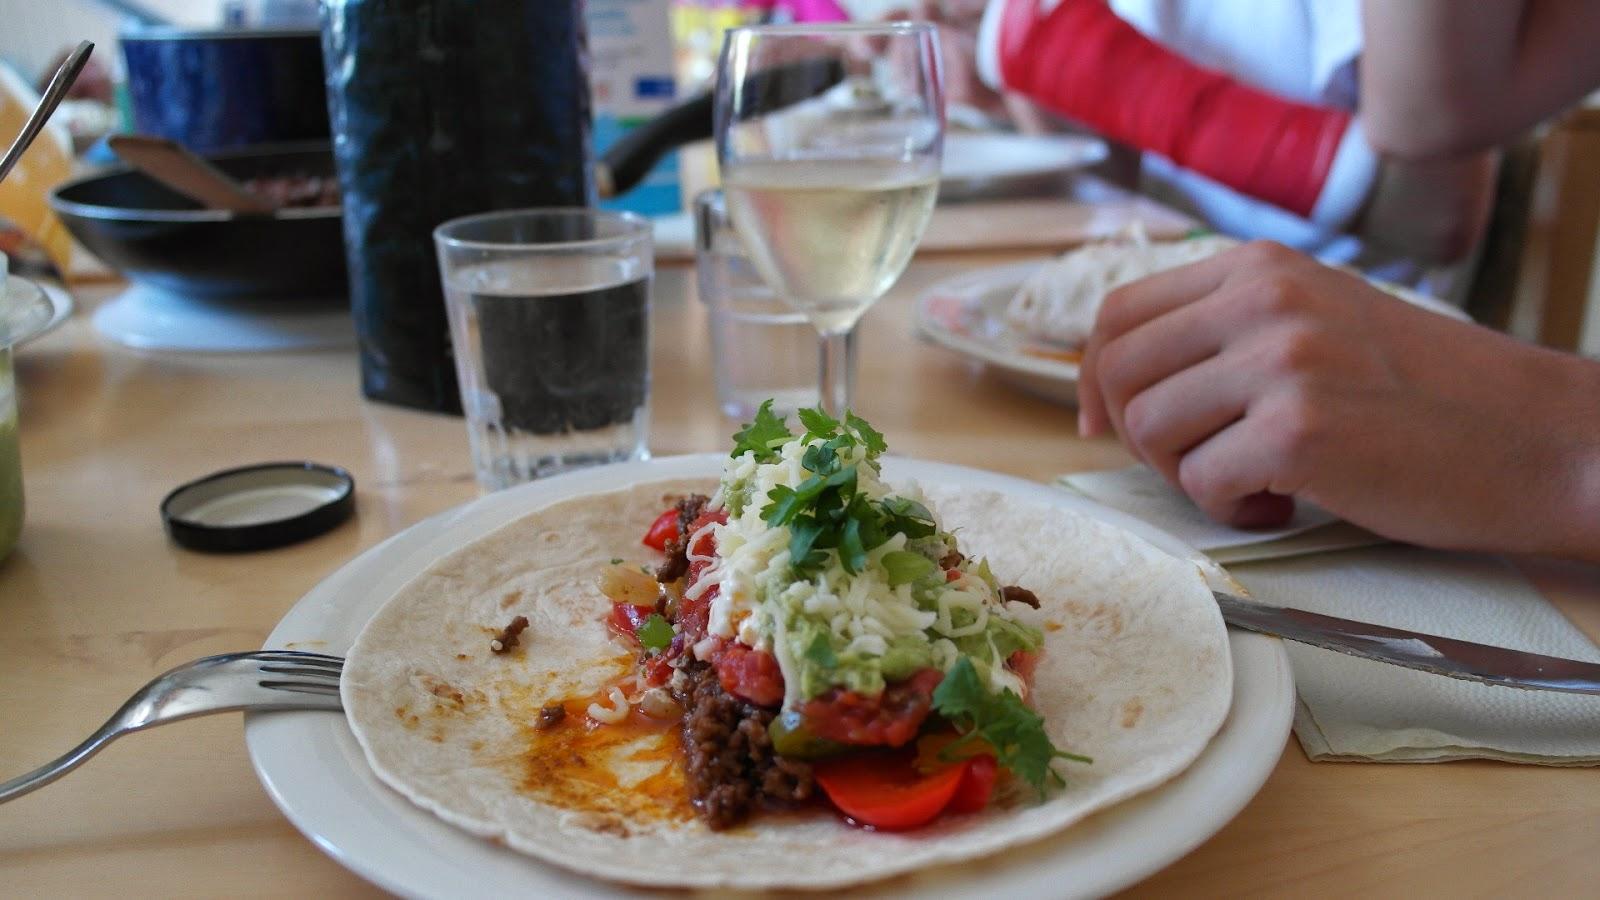 Kesäruokaa: tortilloja ja valkoviiniä - www.blancdeblancs.fi